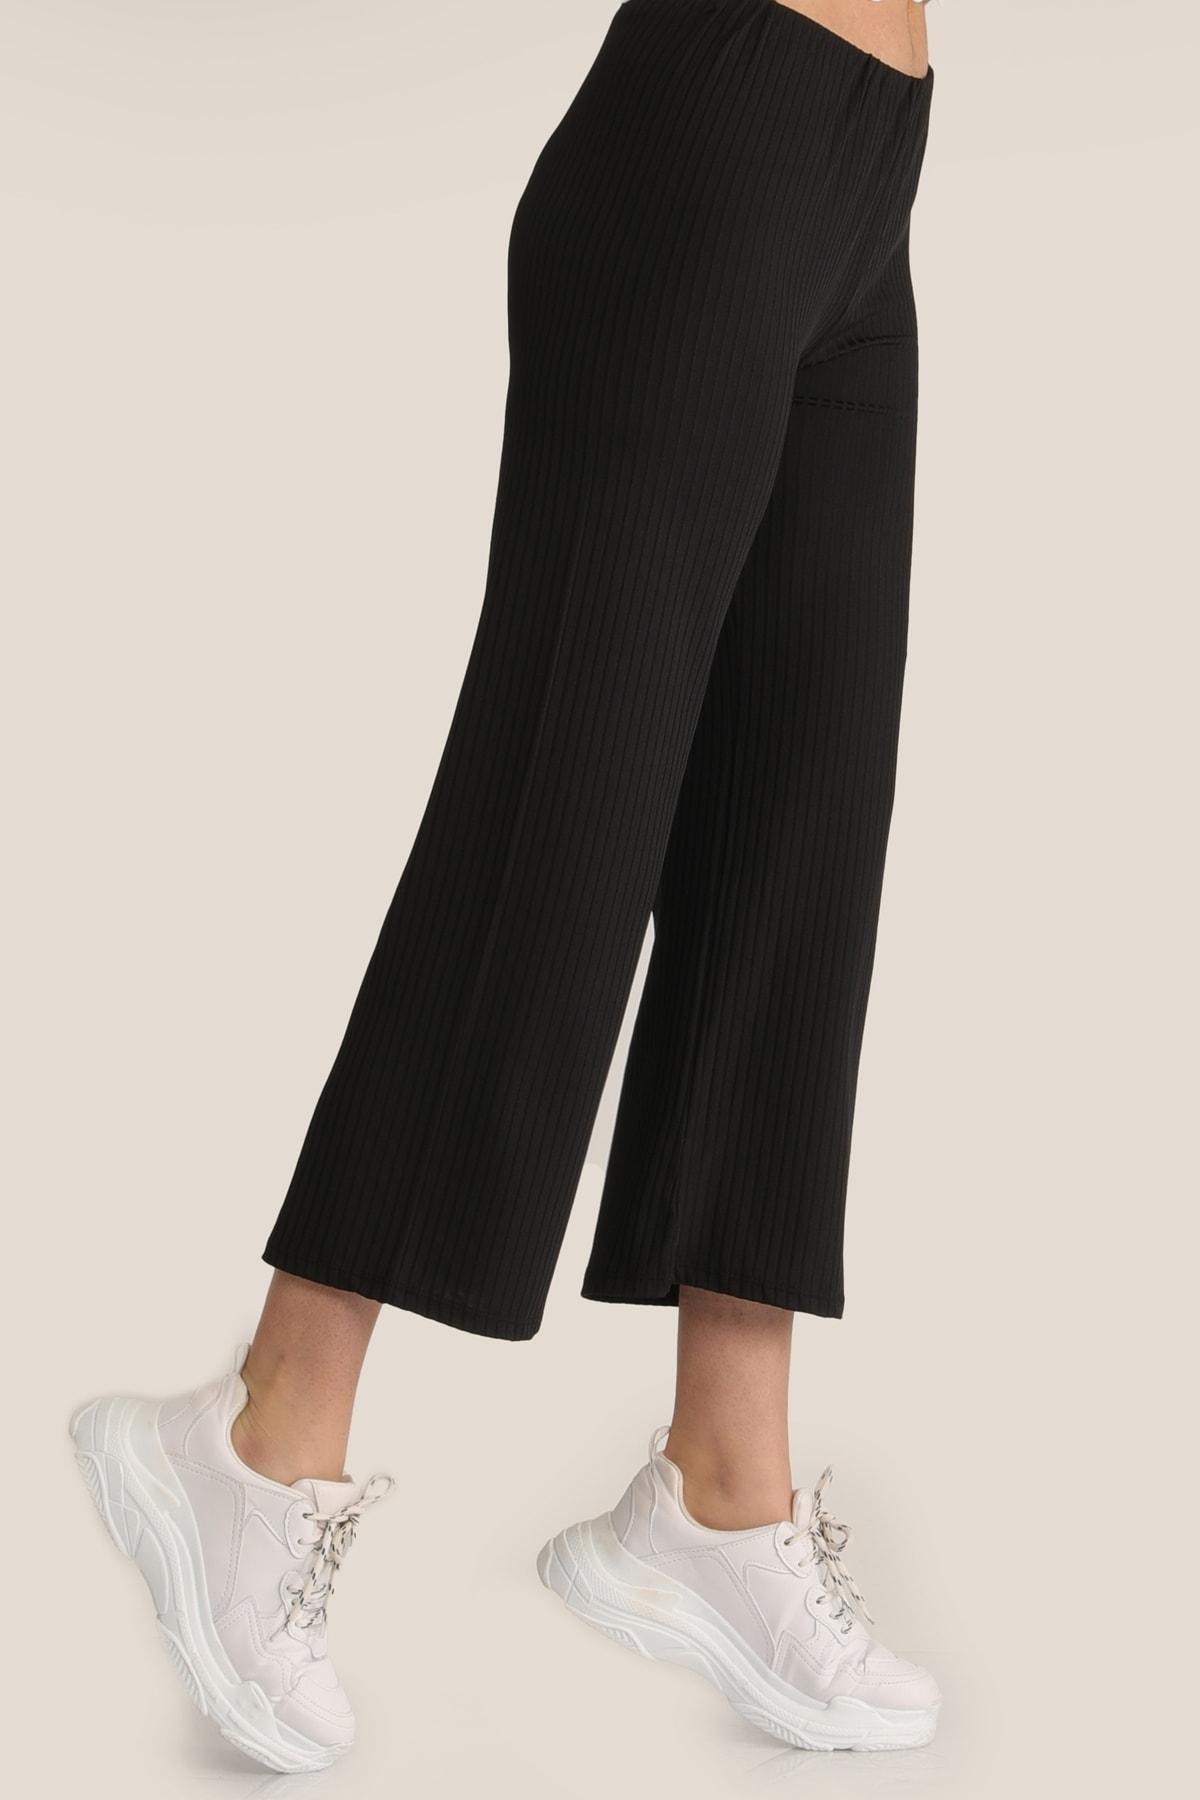 MD trend Kadın Siyah Salaş Bol Pantolon Mdt4885 2